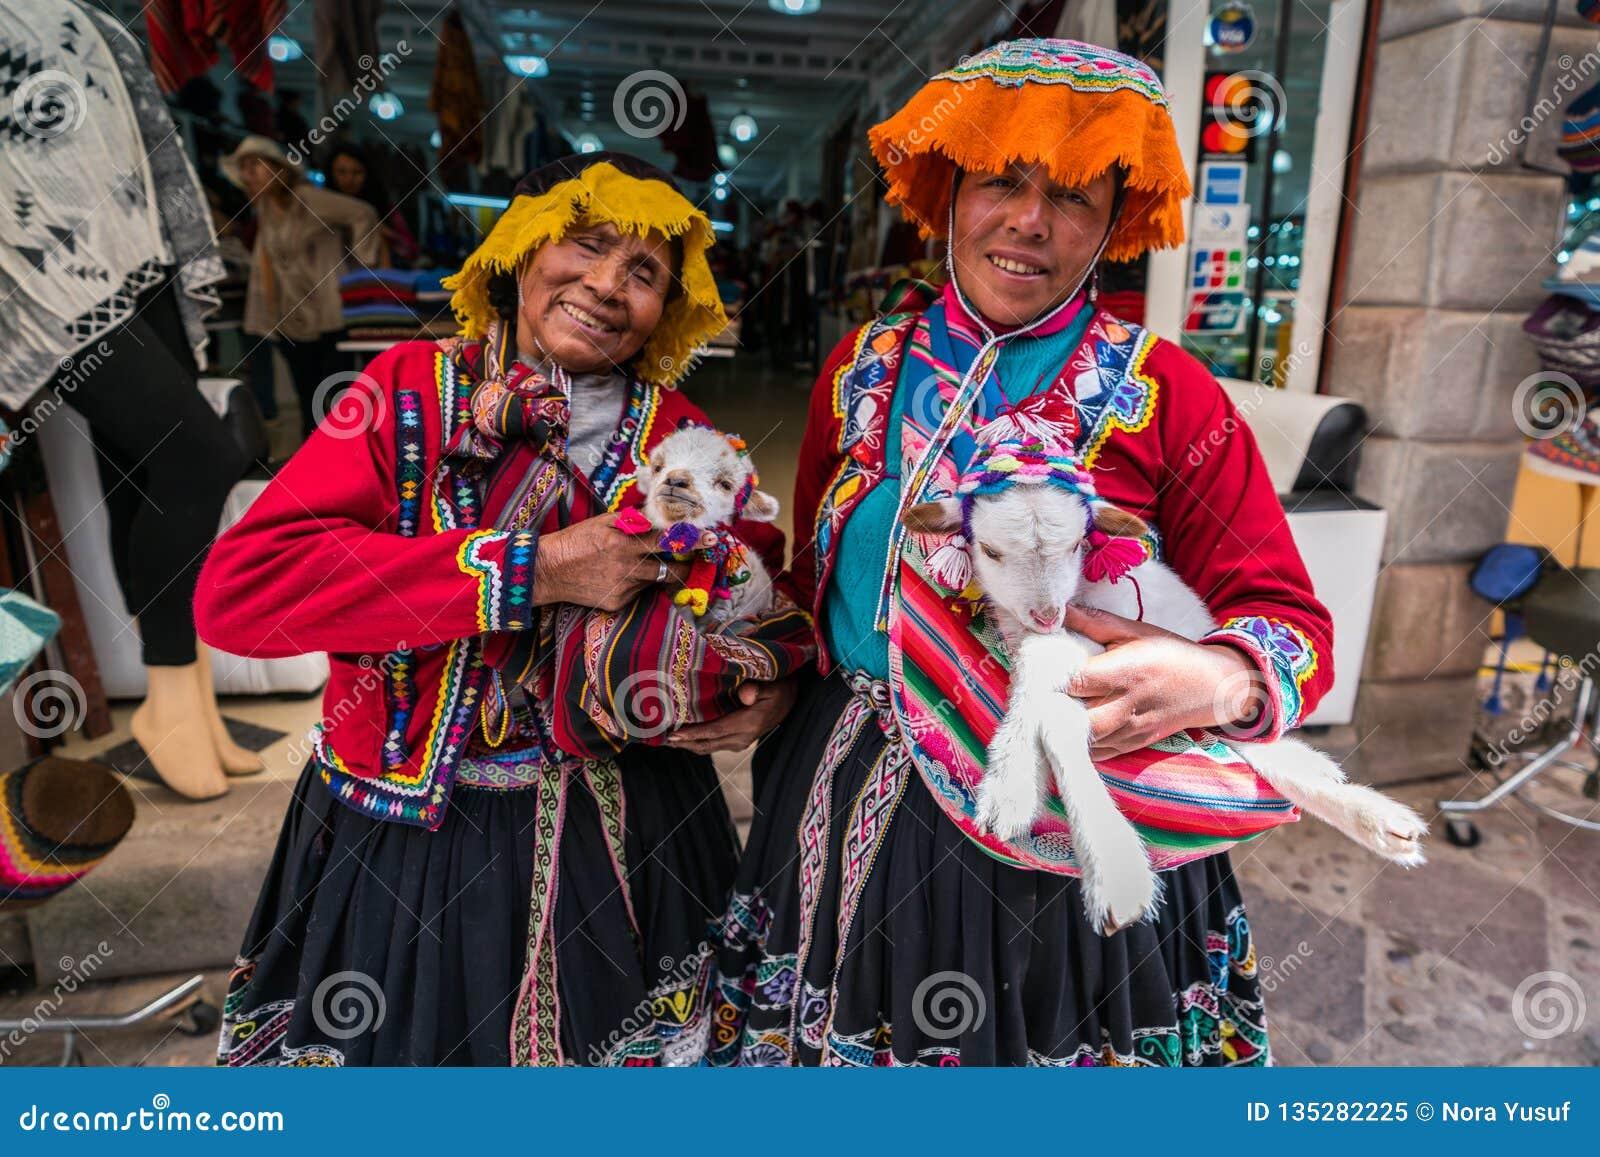 Рынок Pisac, Перу - сентябрь 2018 - перуанские женщины в традиционной одежде